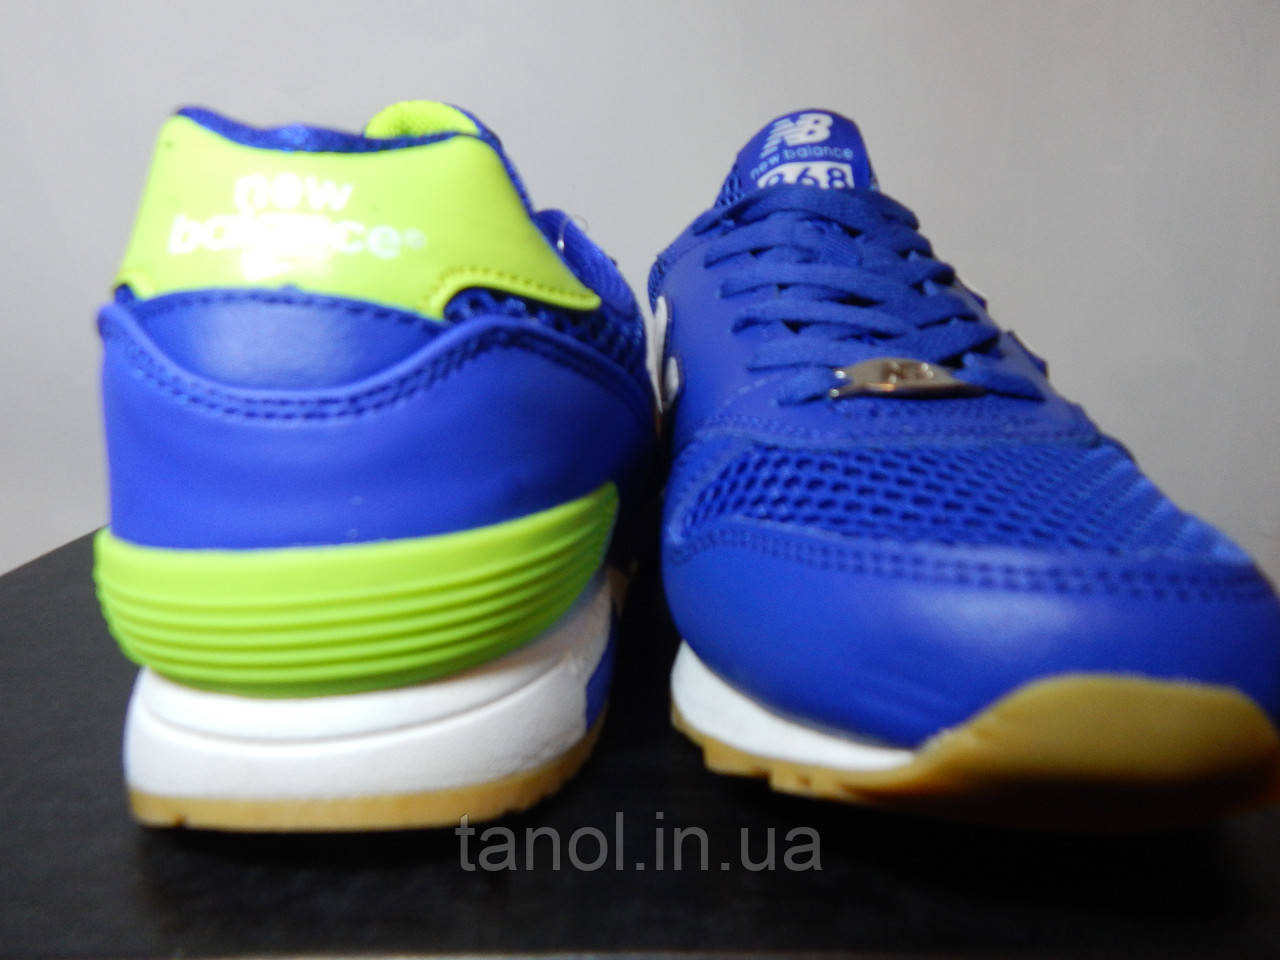 ... Качественные беговые кроссовки NEW BALANCE 368 SKY BLUE мужские  реплика e6ae3660b0e3f